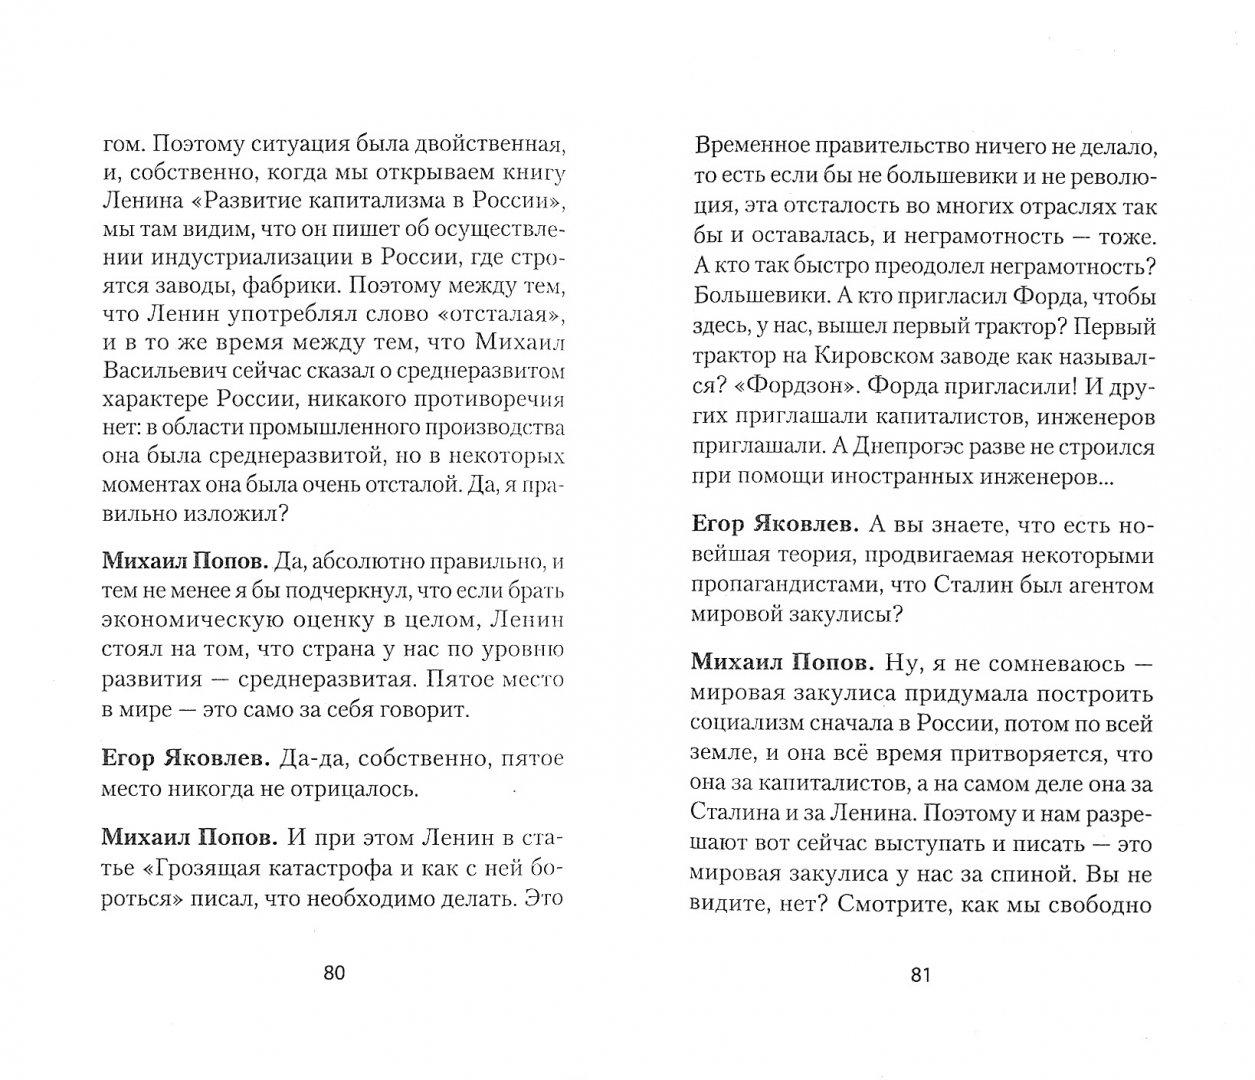 Иллюстрация 1 из 7 для Коммунизм - Пучков, Попов, Яковлев | Лабиринт - книги. Источник: Лабиринт